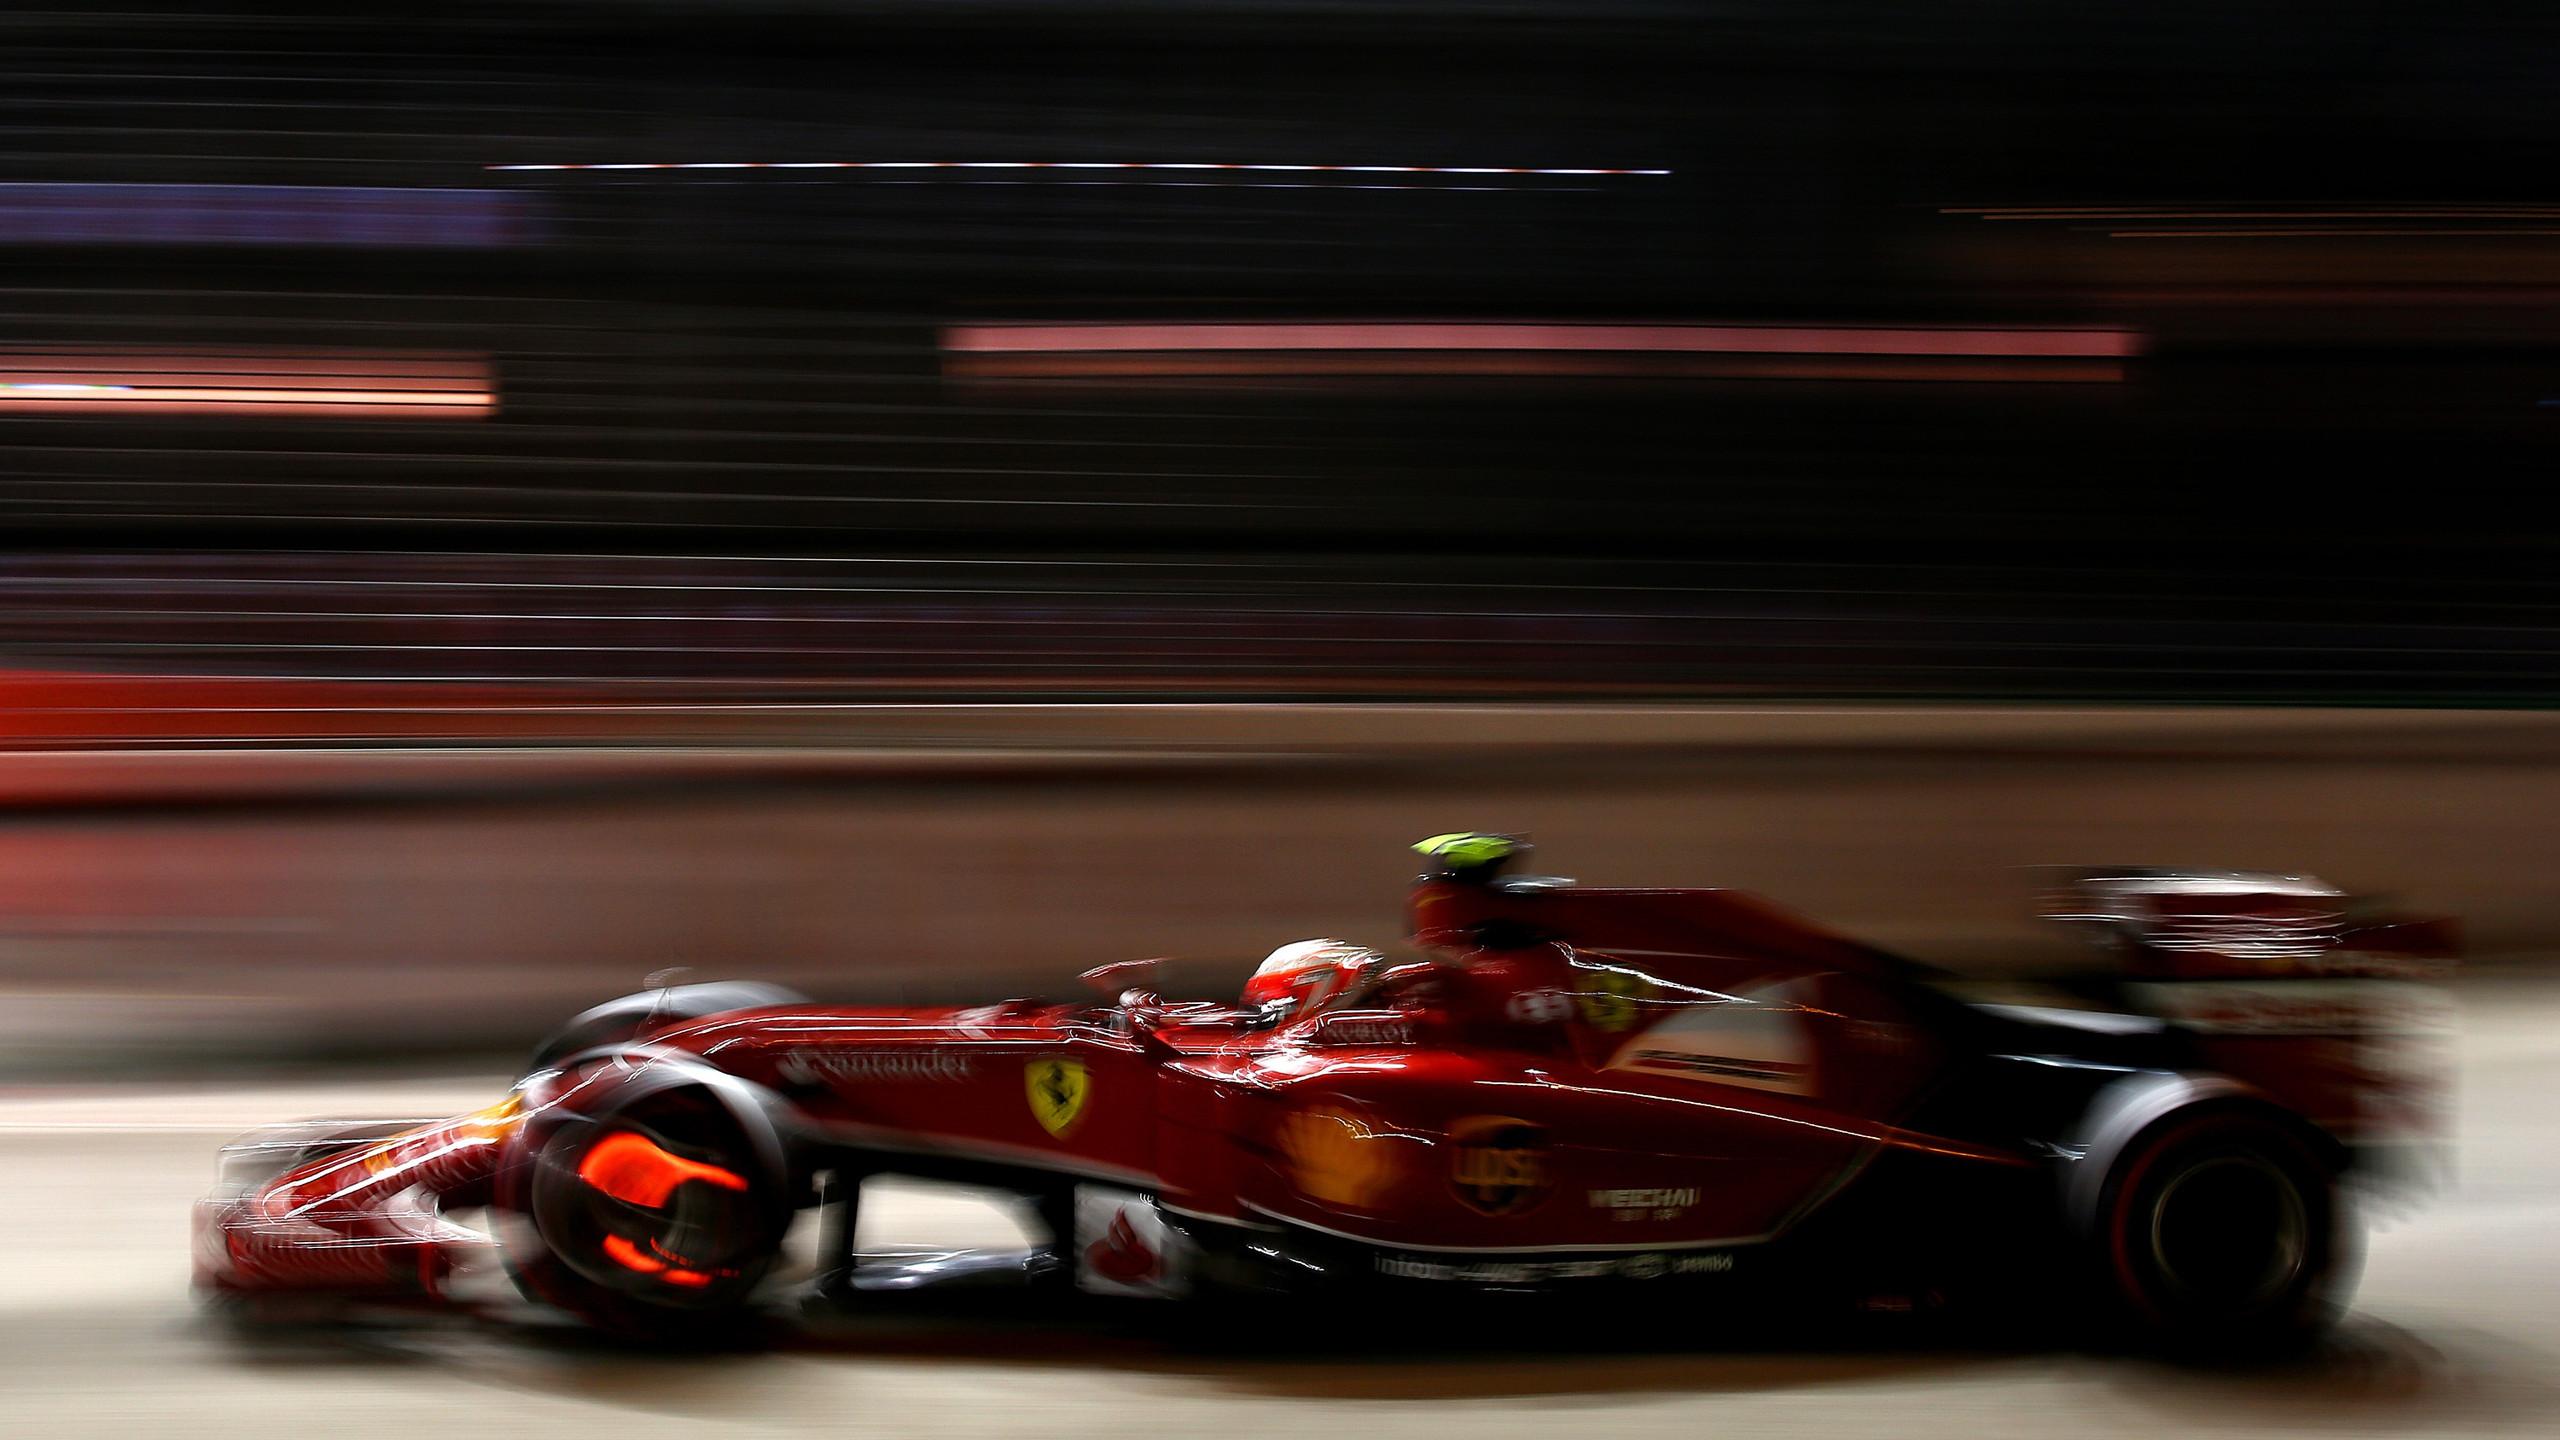 [BOT] 2014 Singapore GP   Kimi Raikkonen Ferrari iimgurcom 2560x1440